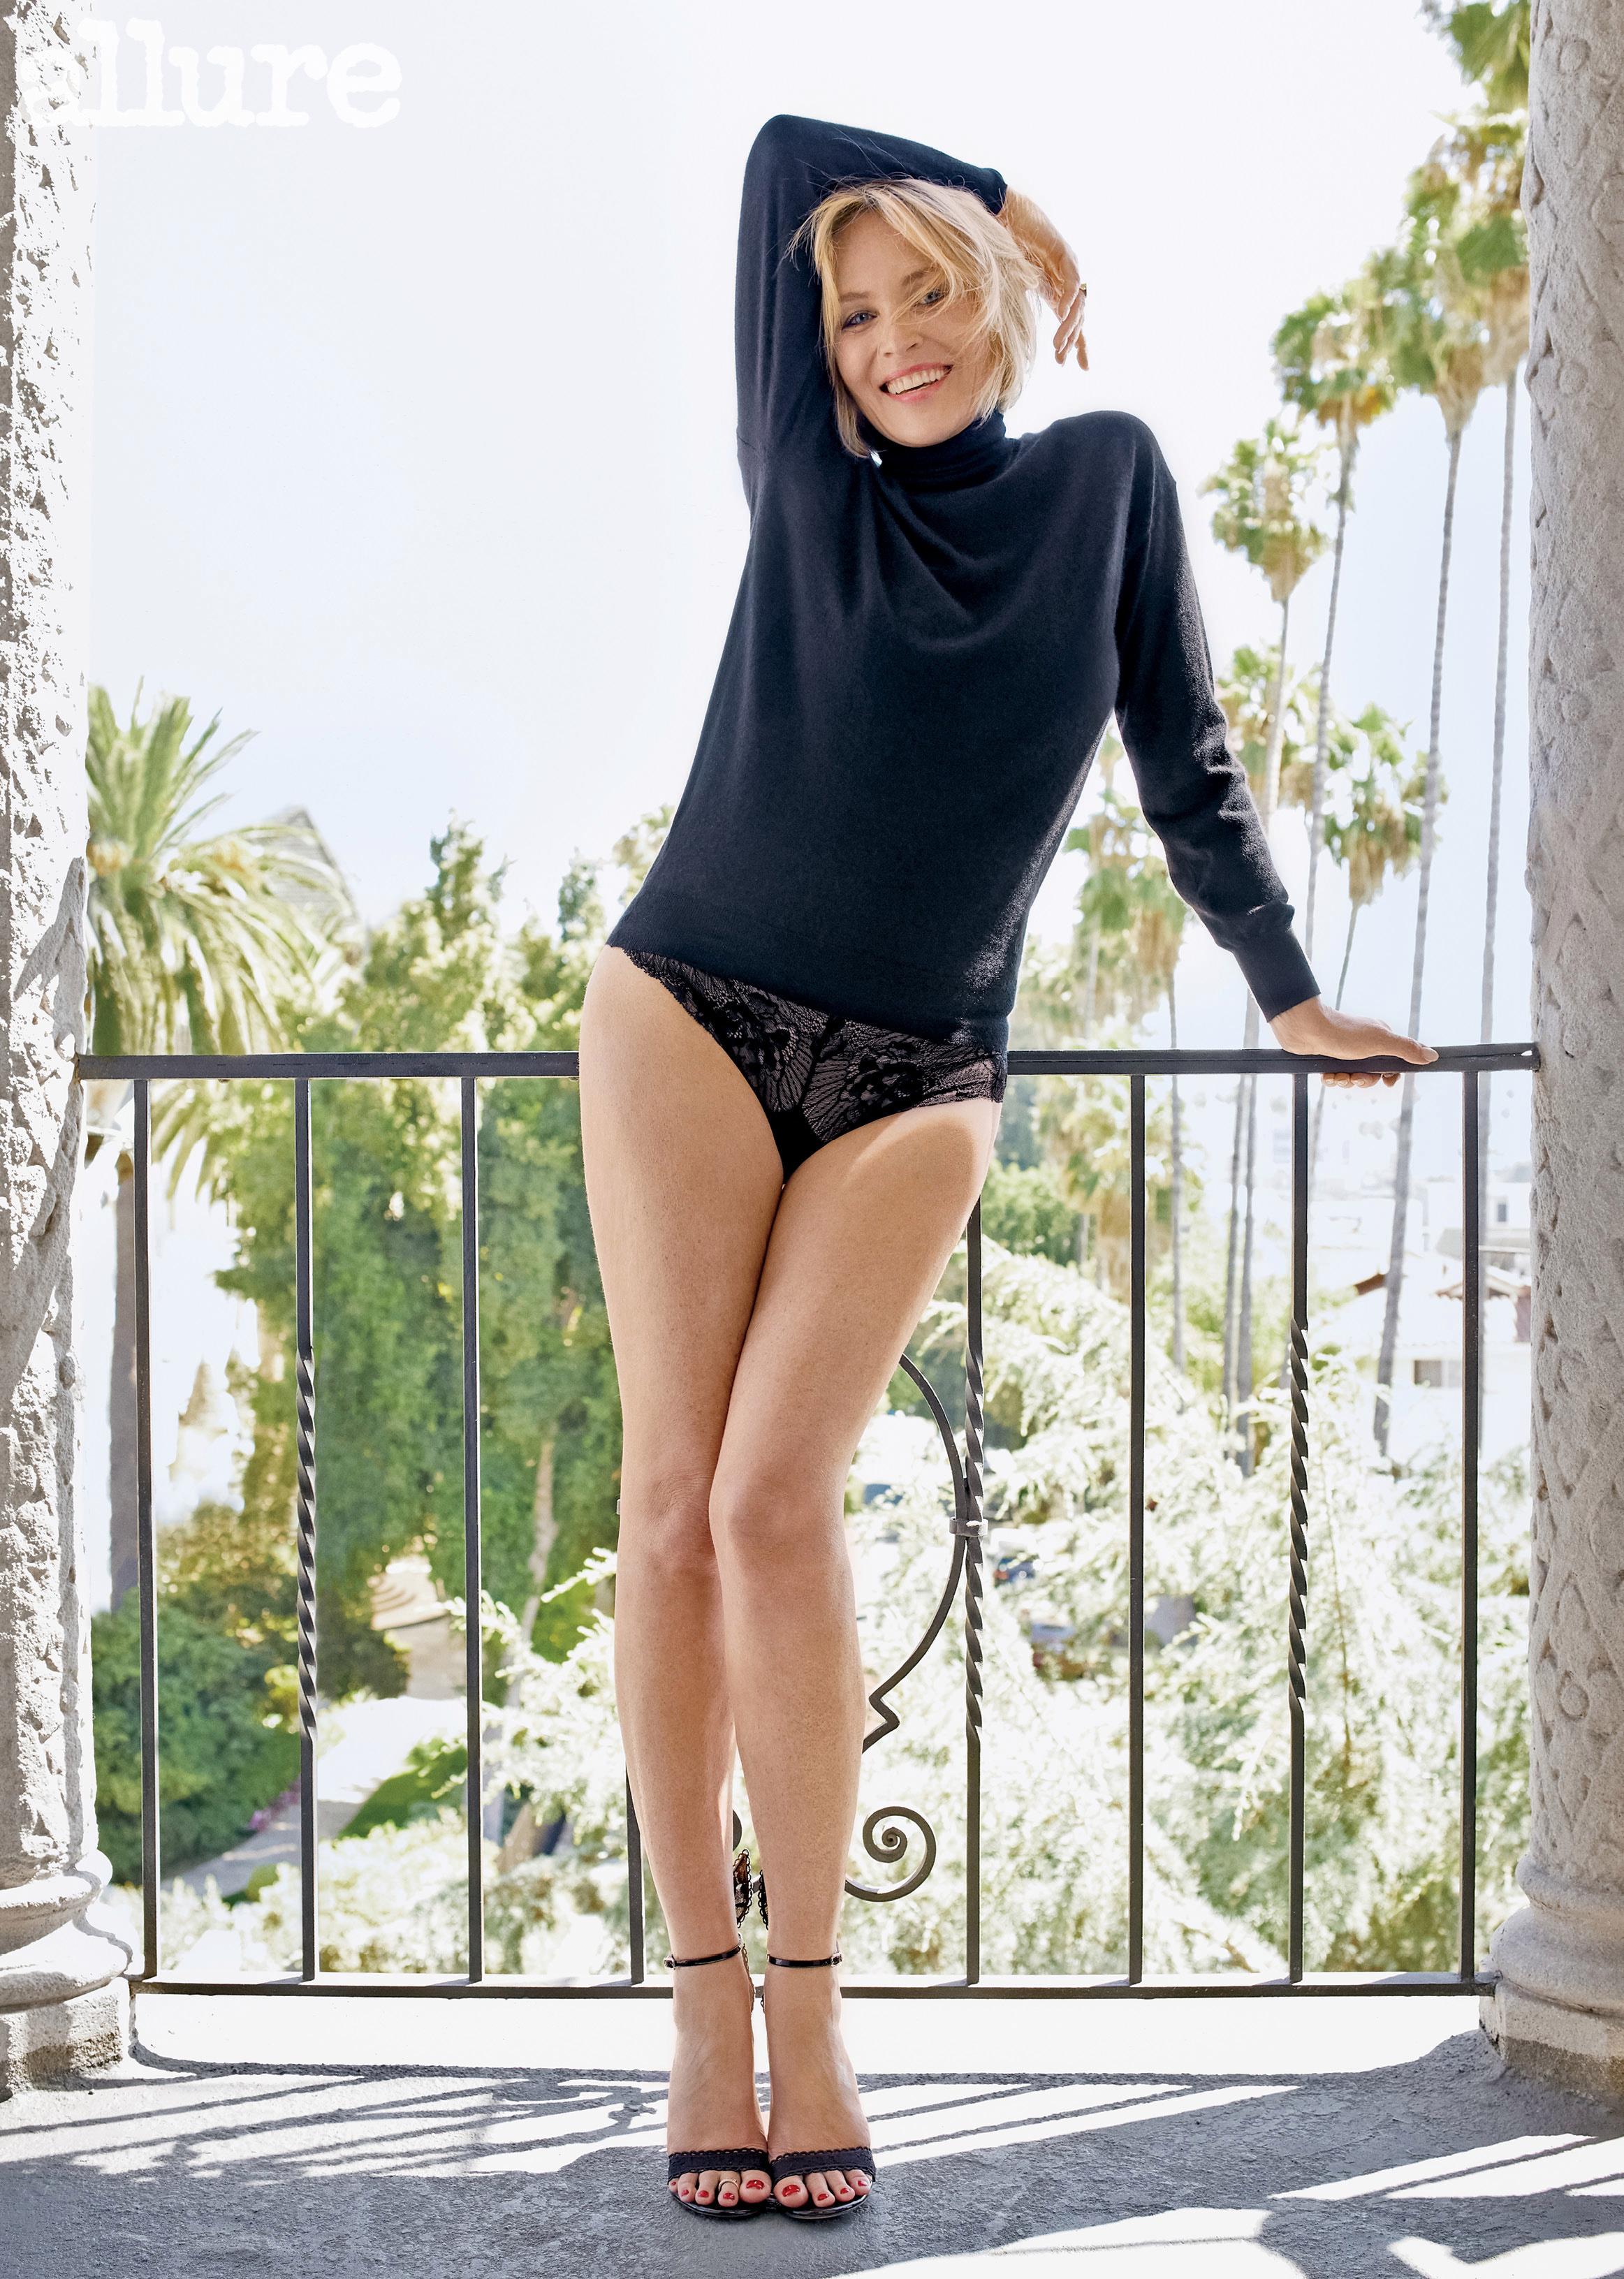 Шэрон Стоун фото Sharon Stone photo